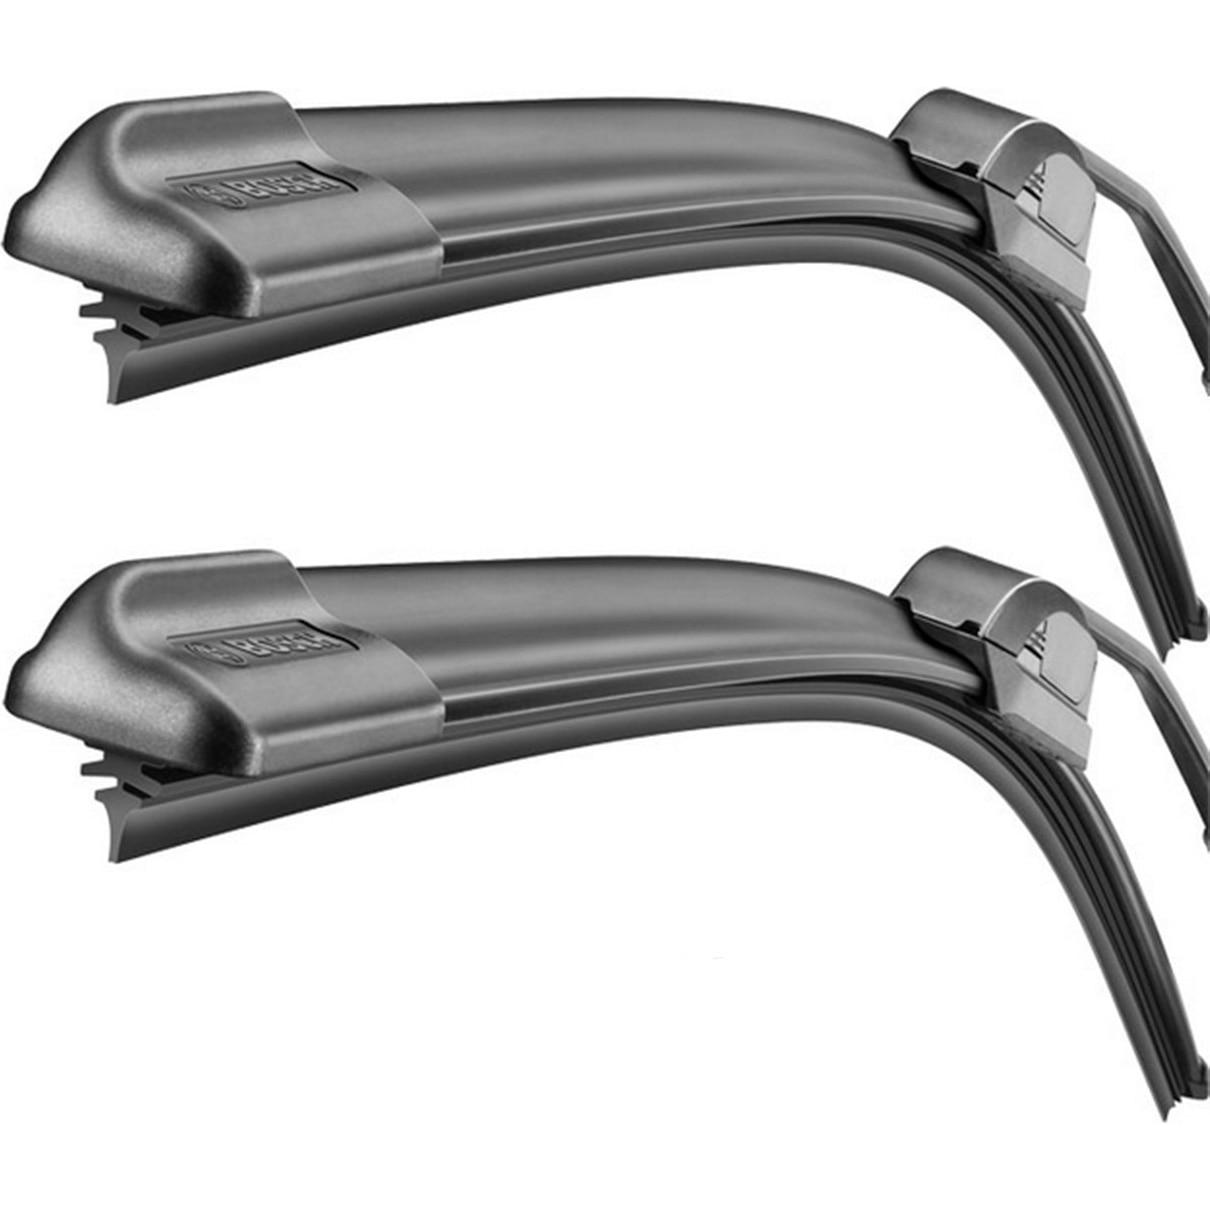 Fotografie Stergator Bosch AeroTwin Retrofit, pentru parbriz 53 cm, pentru prindere clasica (carlig)